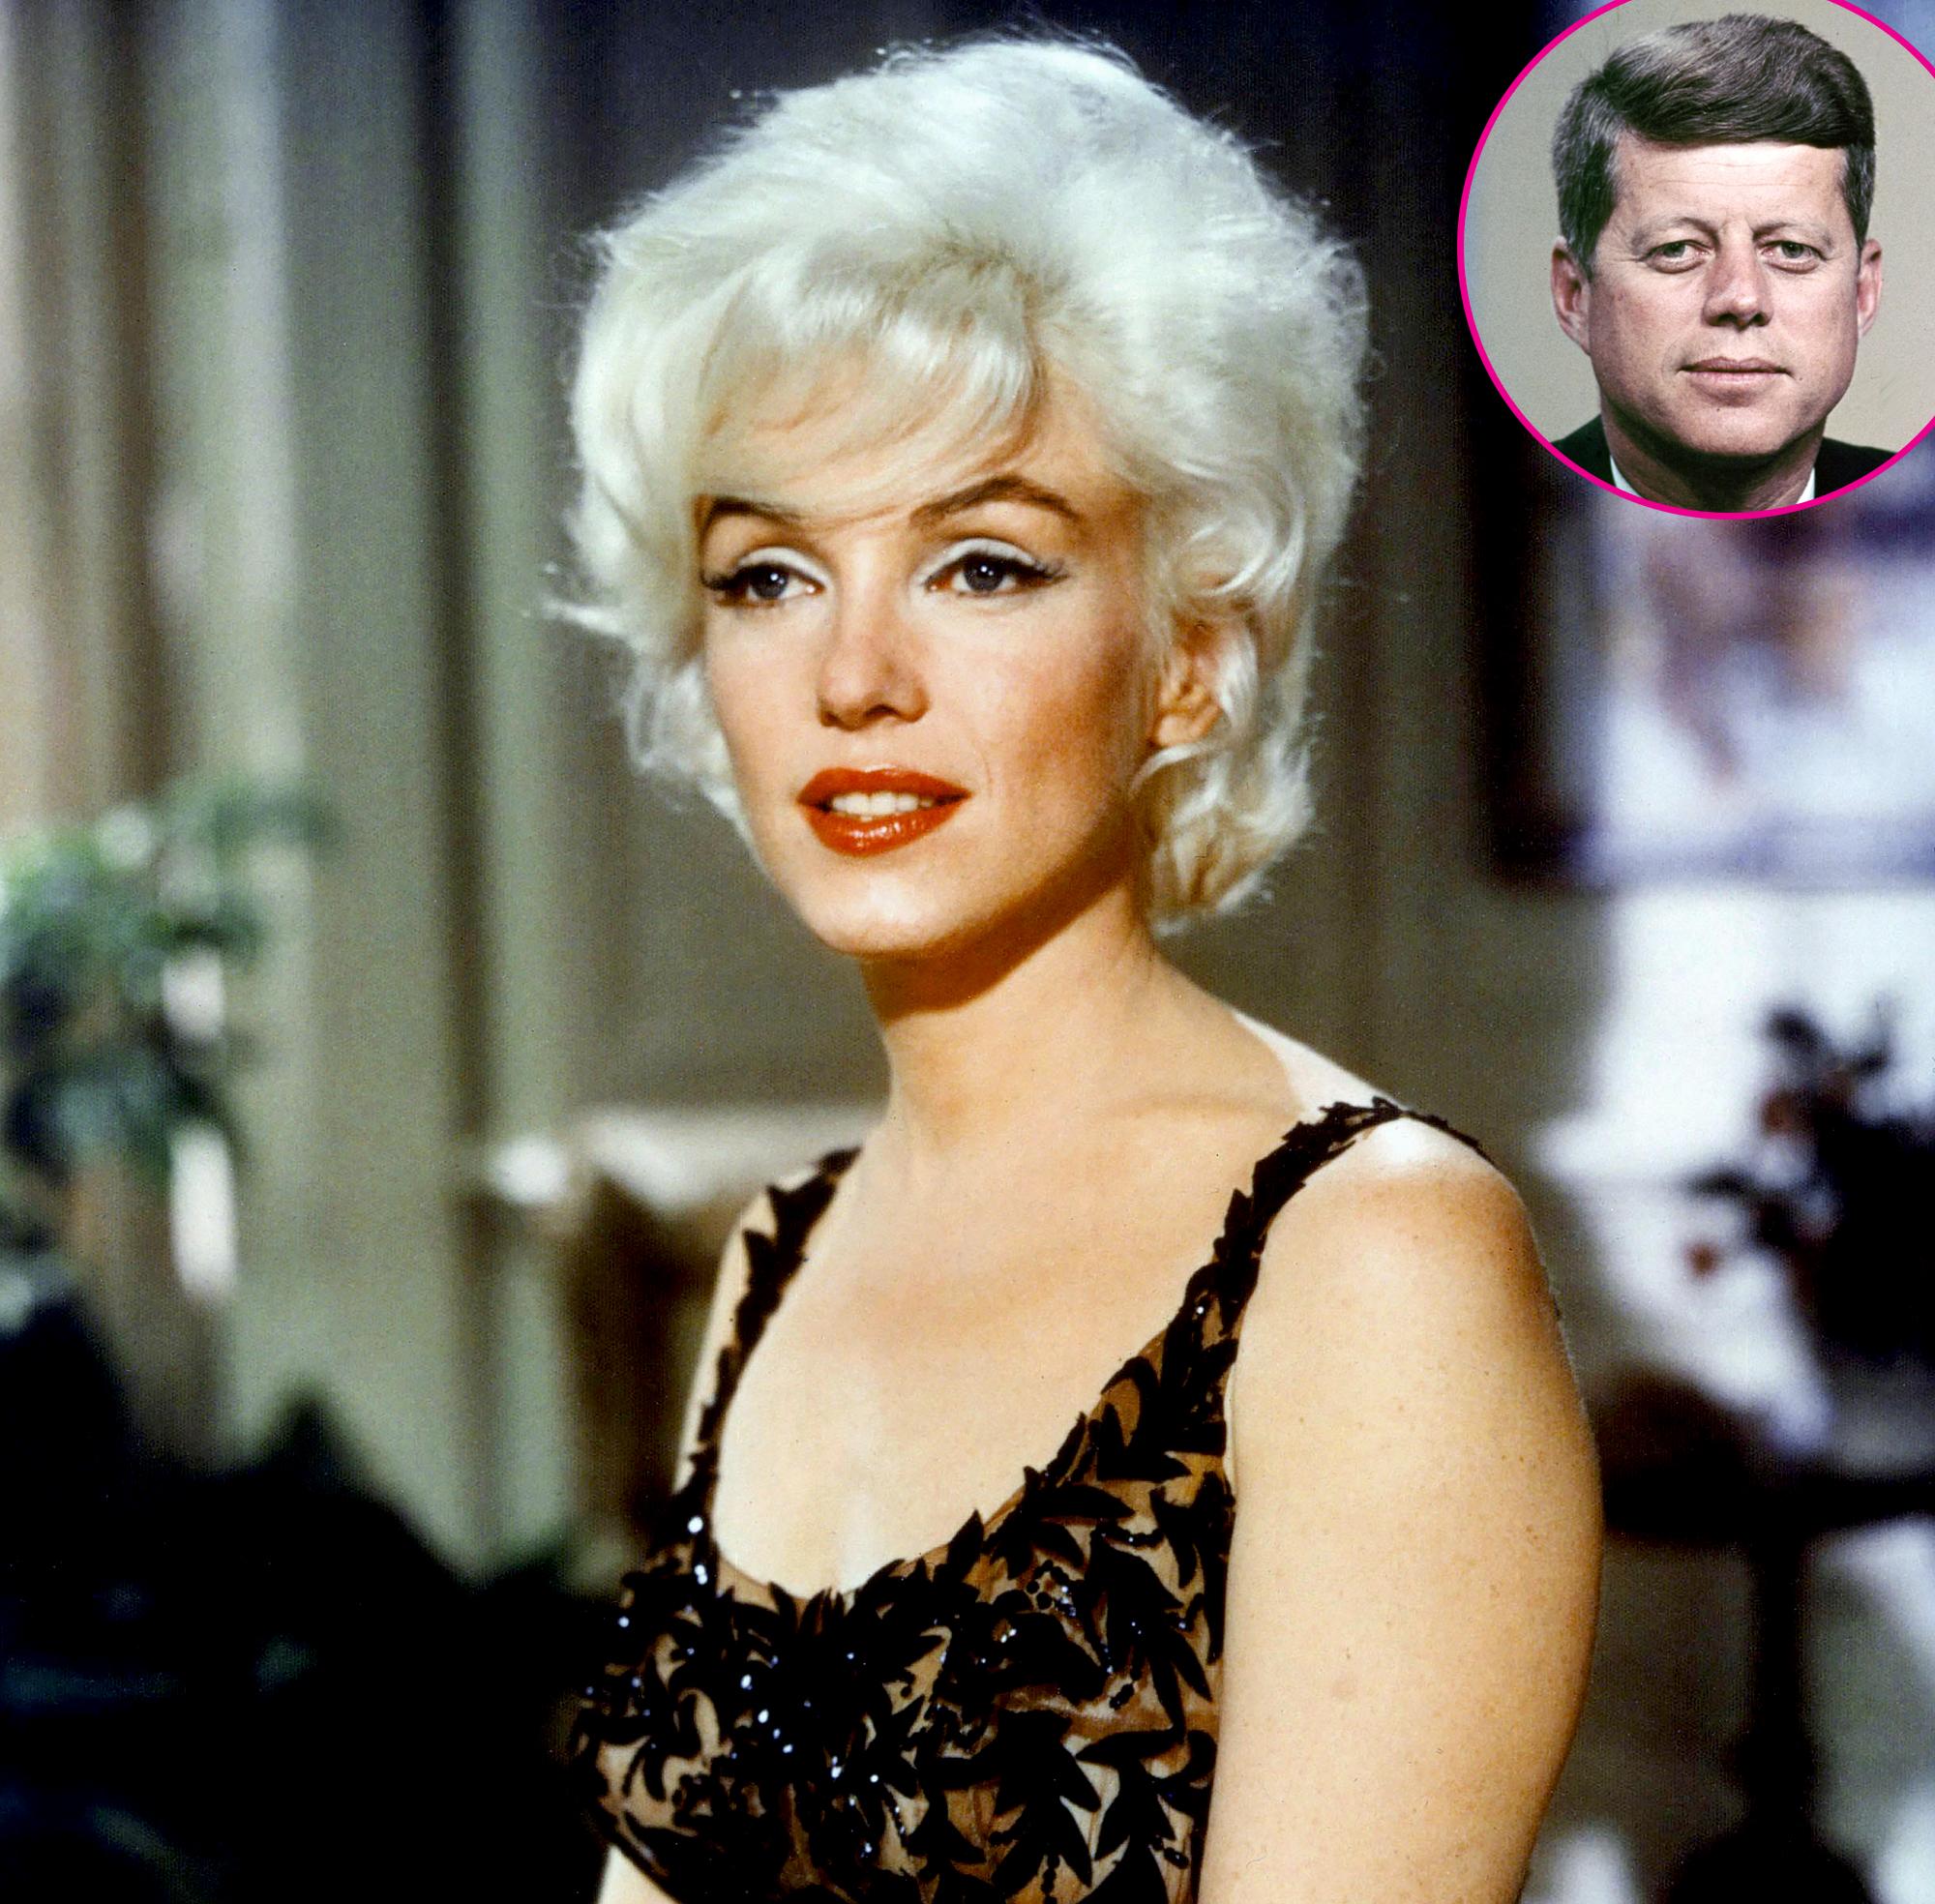 Marilyn-Monroe-John-F-Kennedy-affair-3